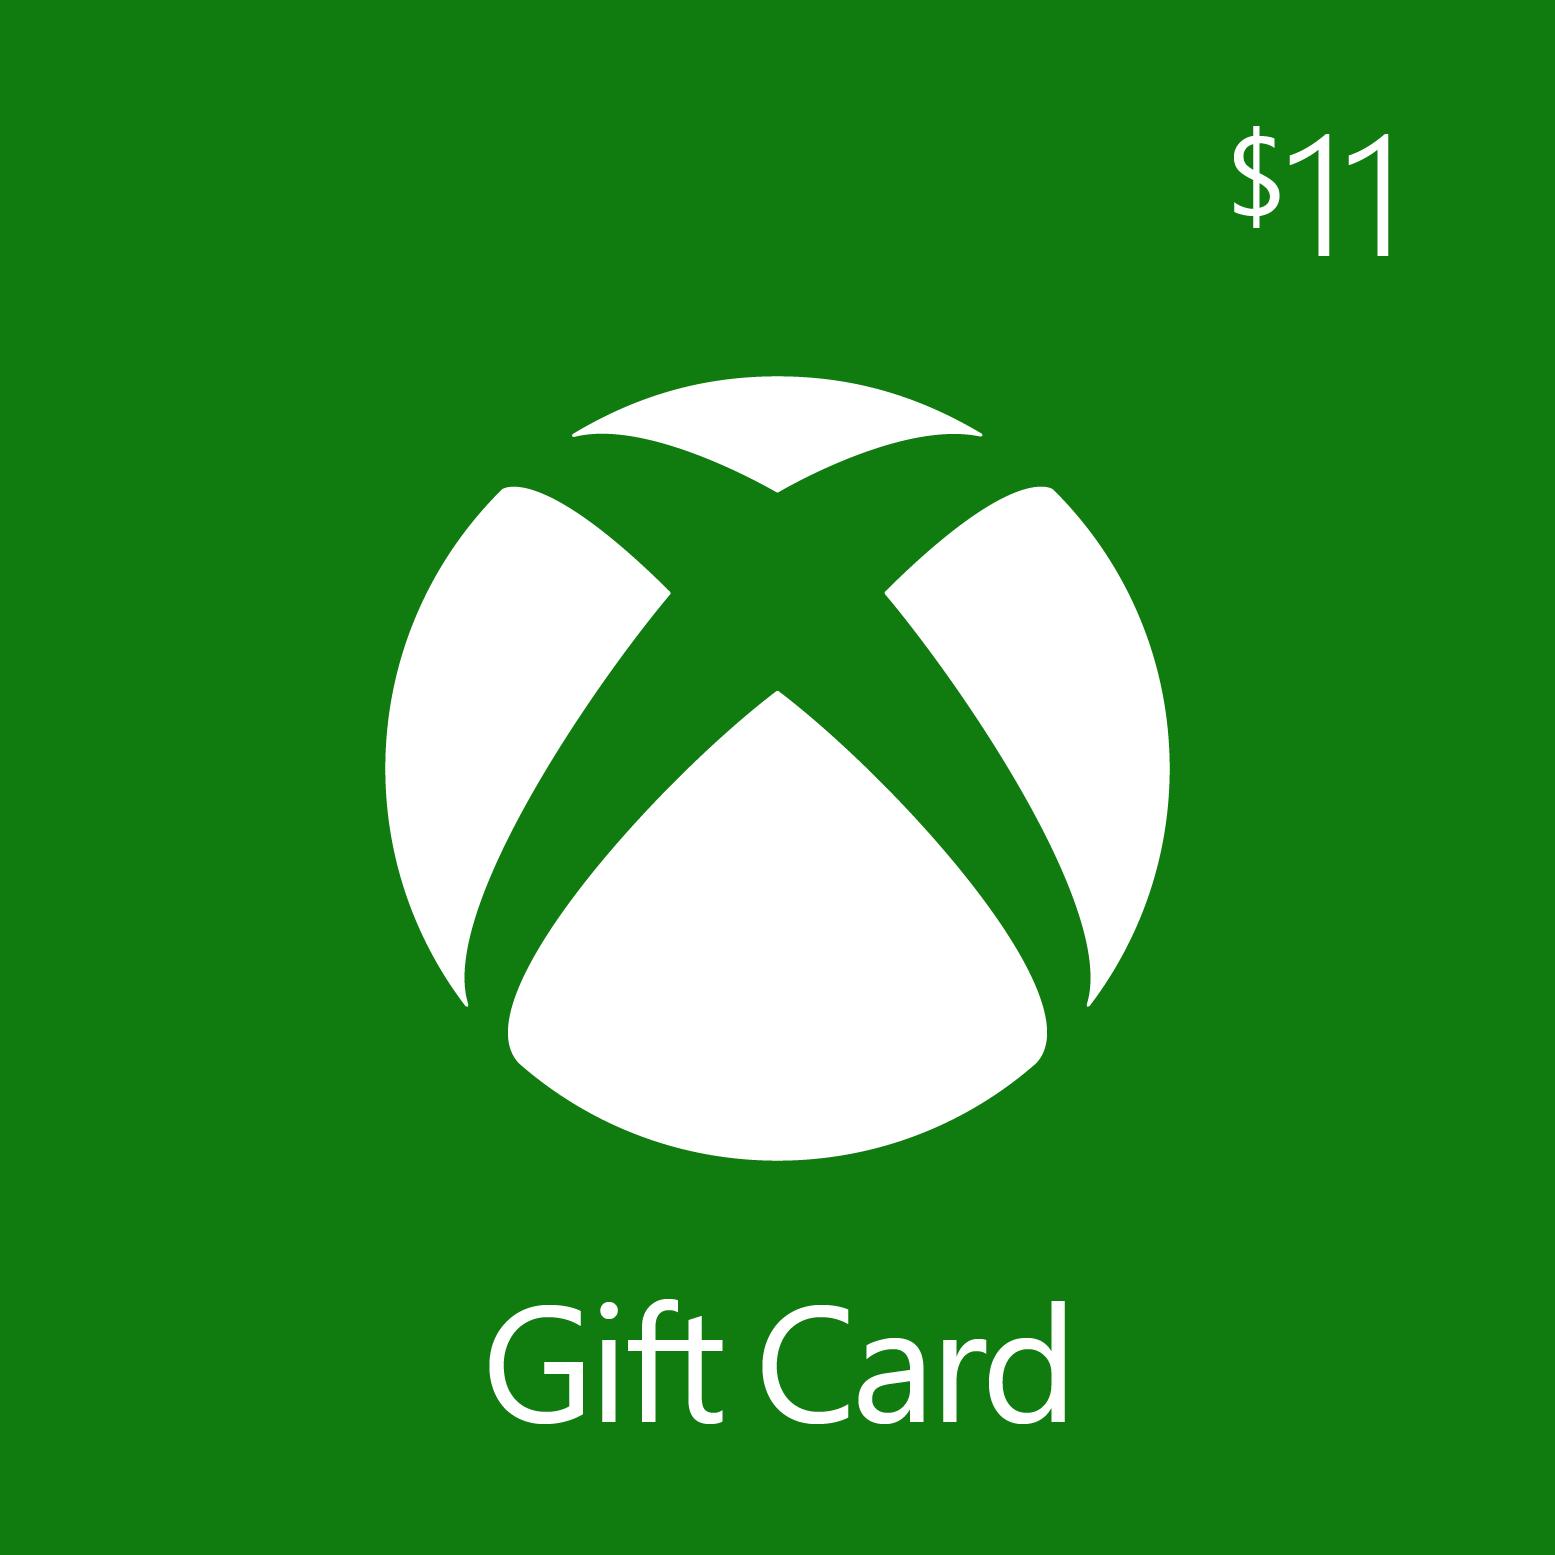 $11.00 Xbox Digital Gift Card